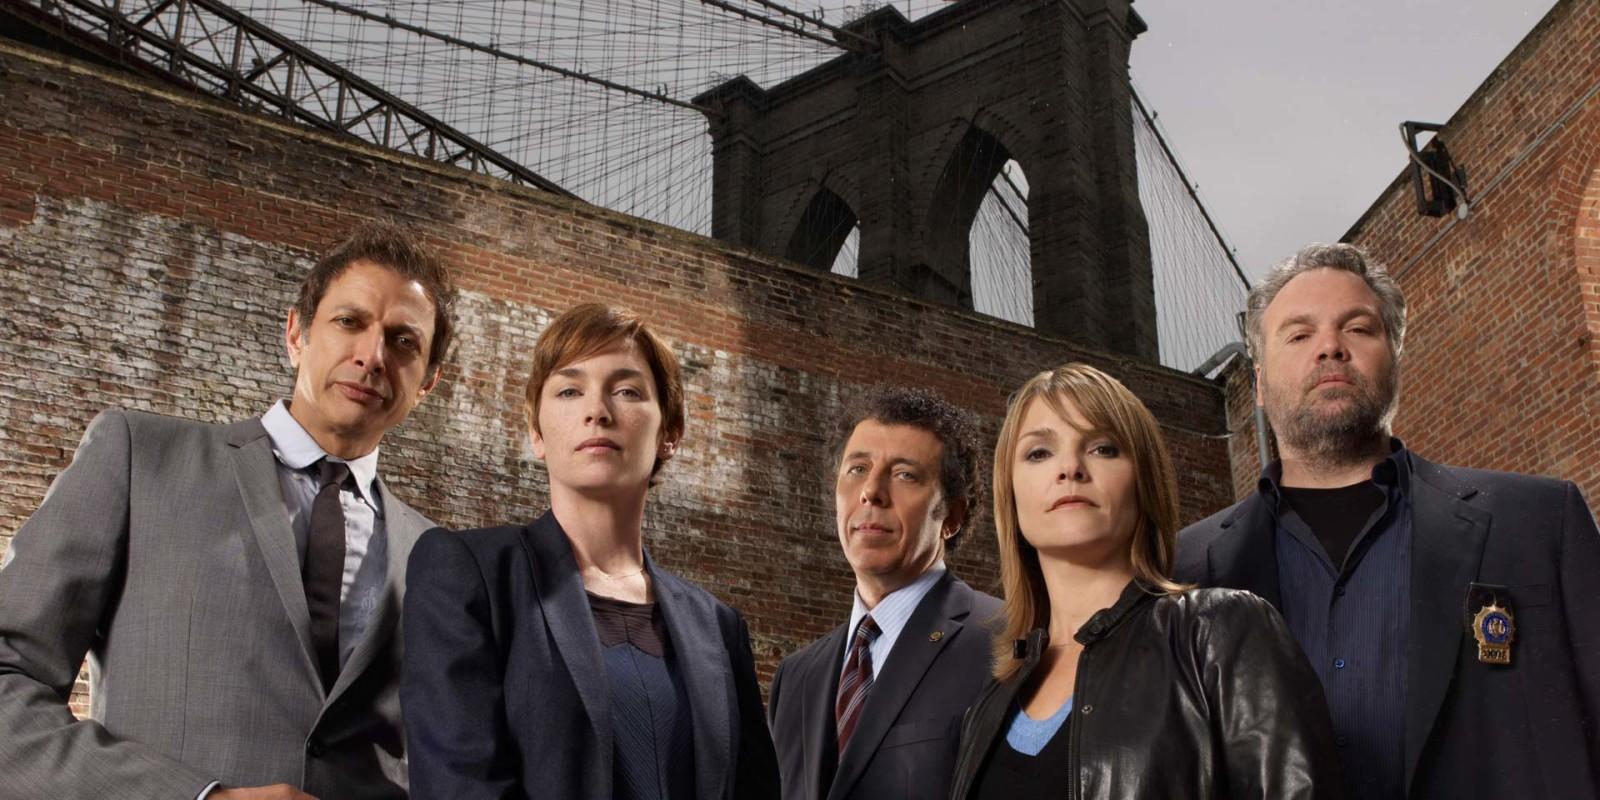 Law Amp Order Criminal Intent We Tv